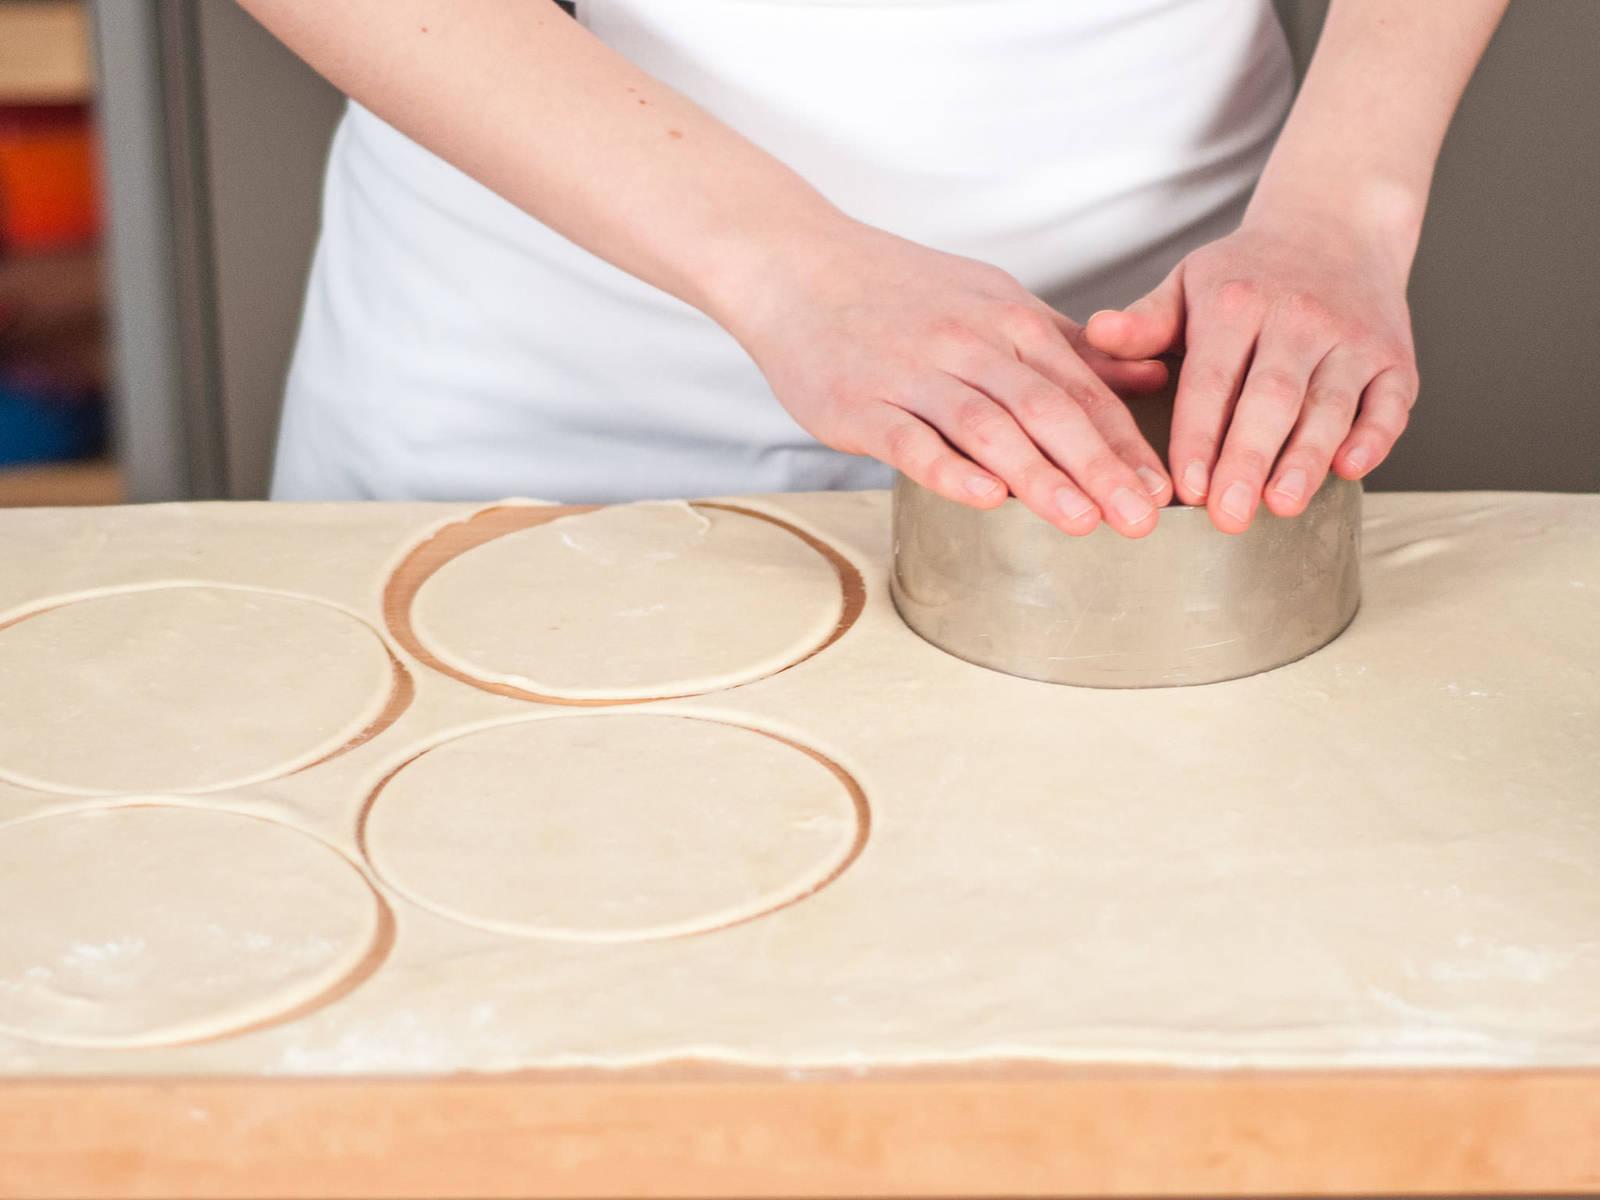 将烤箱预热至180摄氏度。在工作台上撒少许面粉,用擀面杖将面团擀成薄片。用刀将面皮切成圆形。